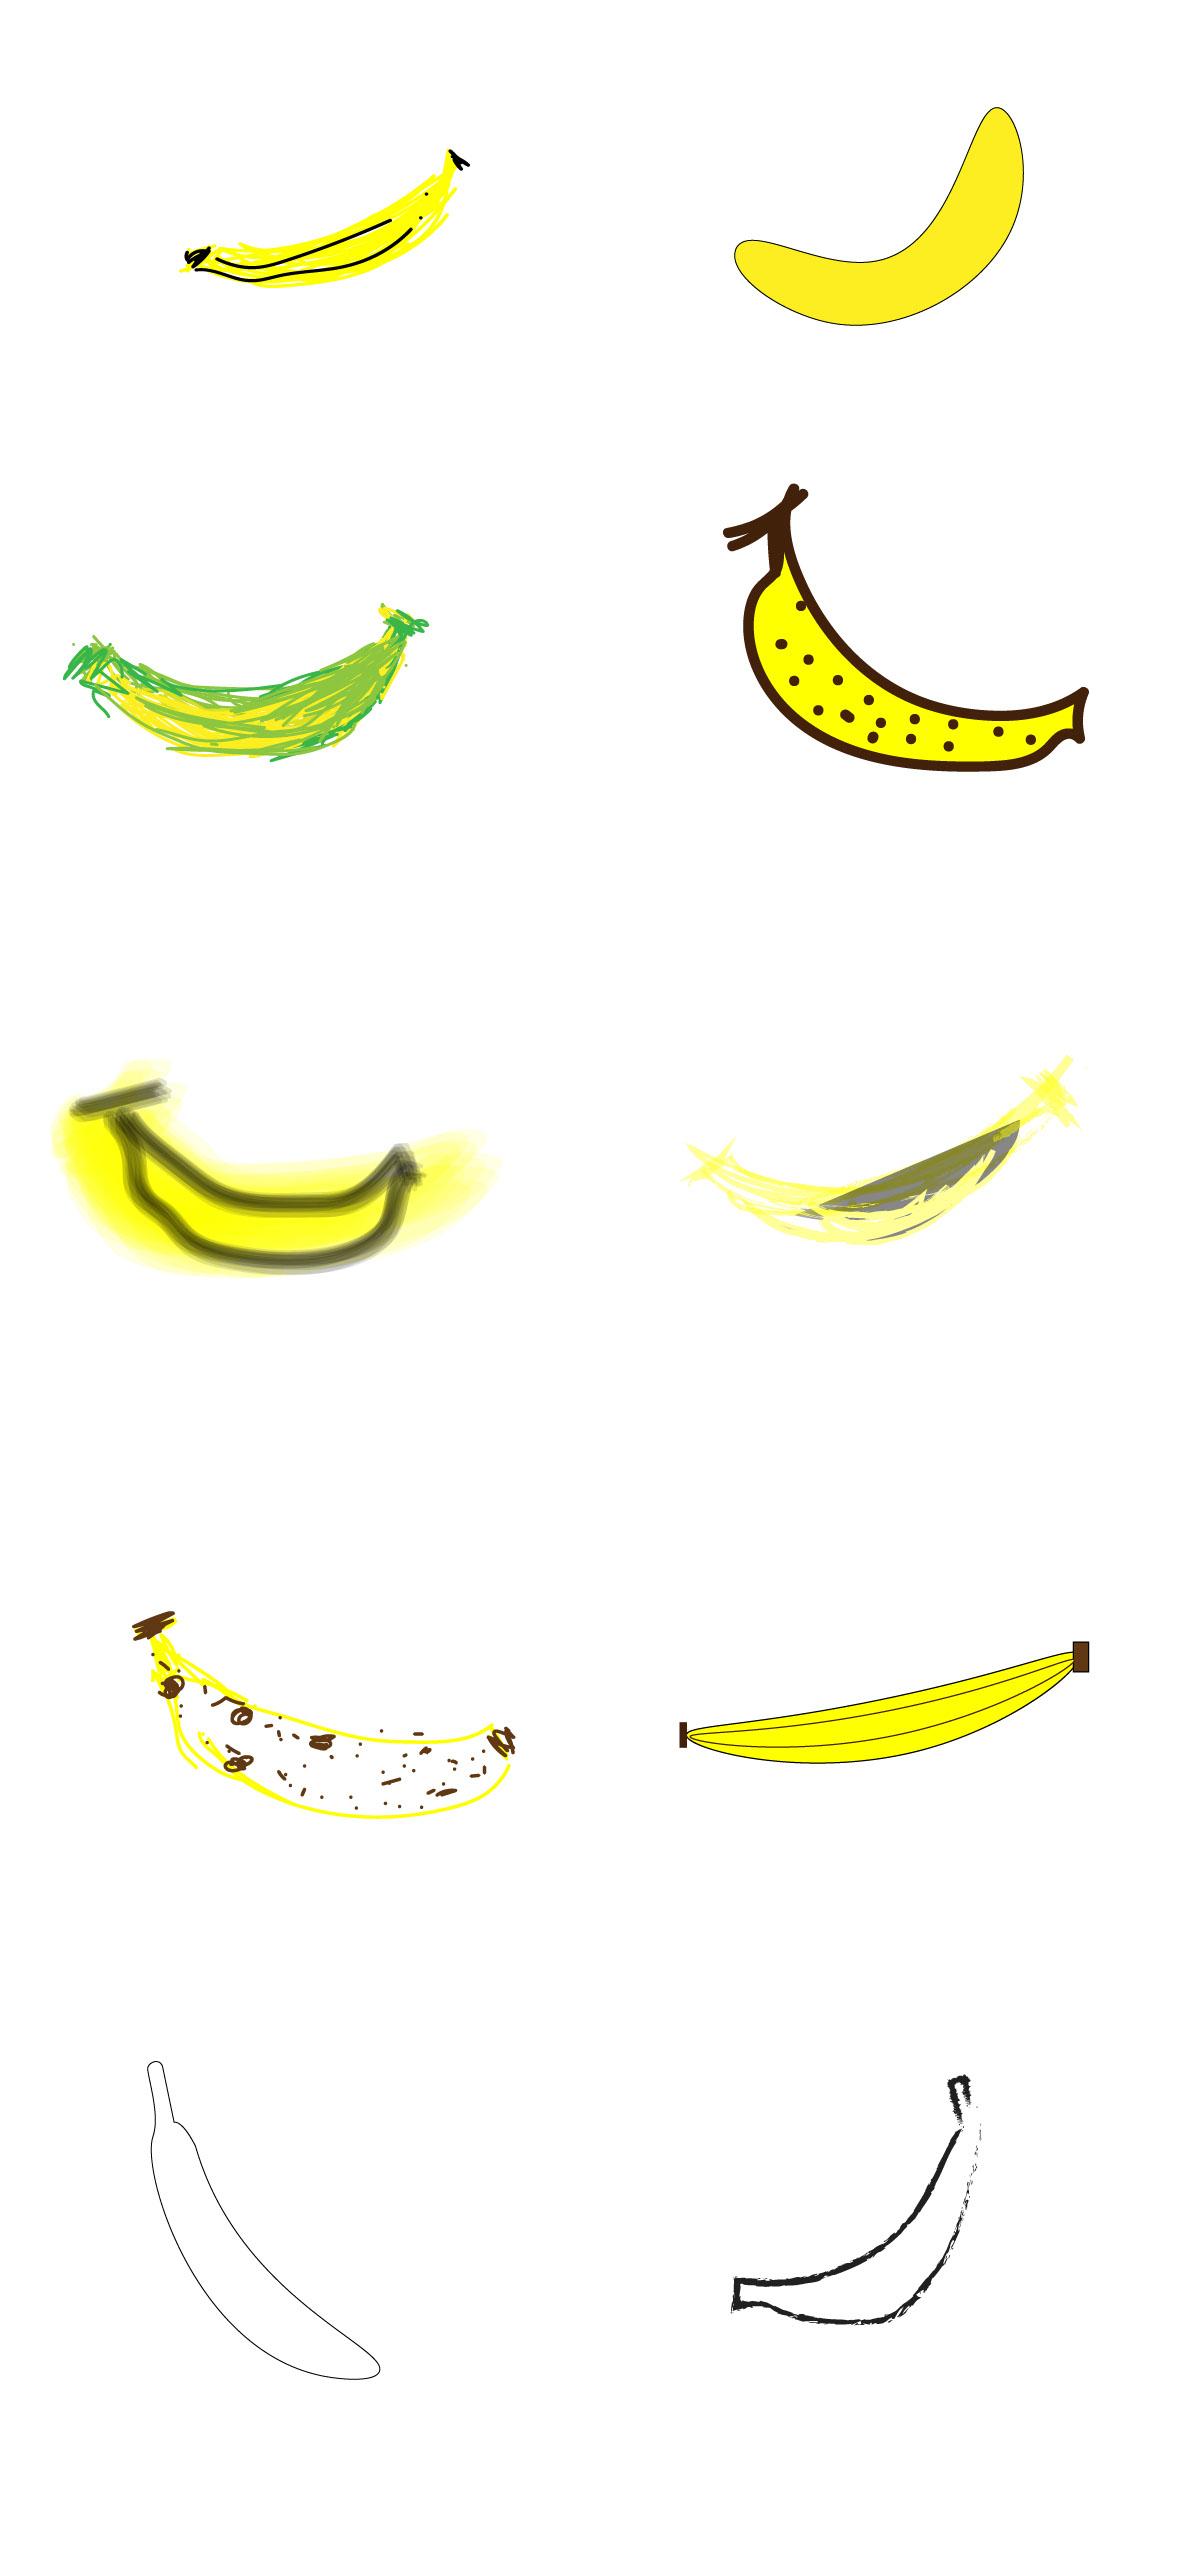 Illustrations of bananas